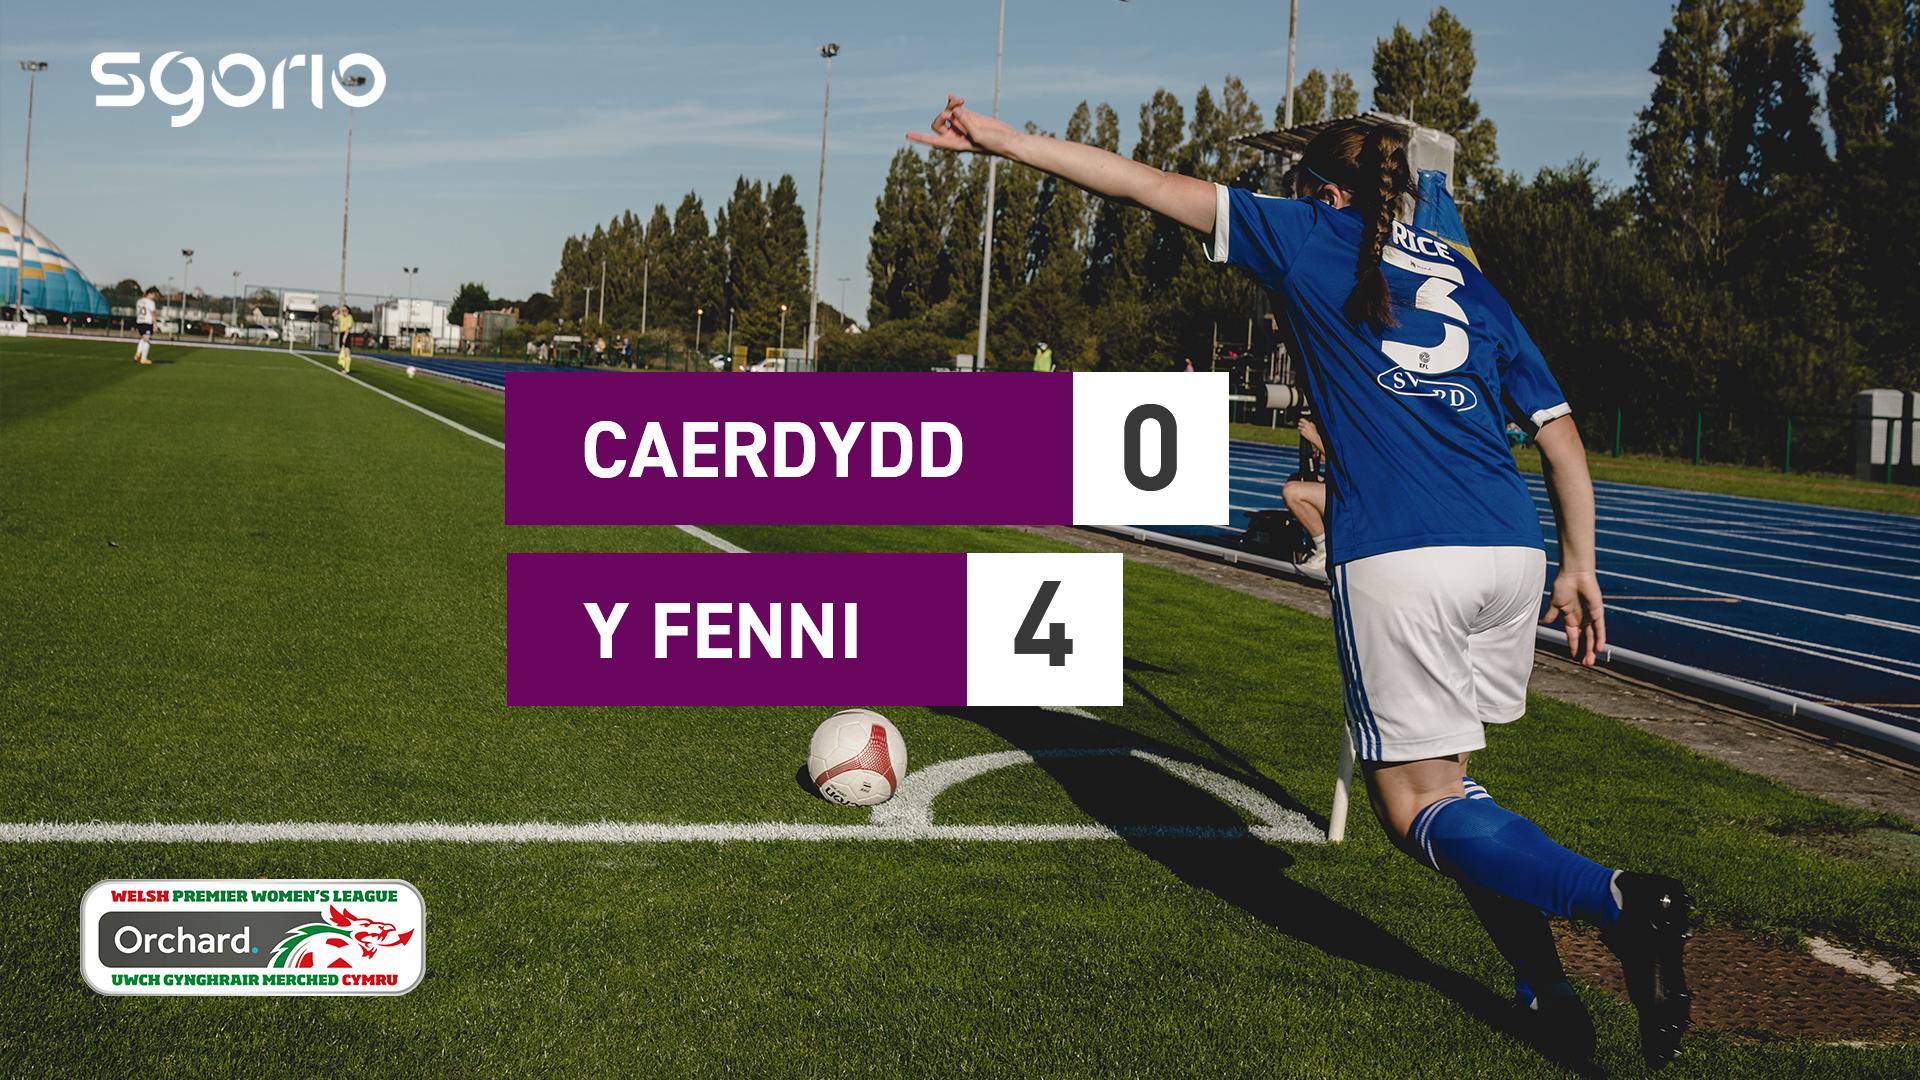 Merched Caerdydd 0-4 Merched Y Fenni